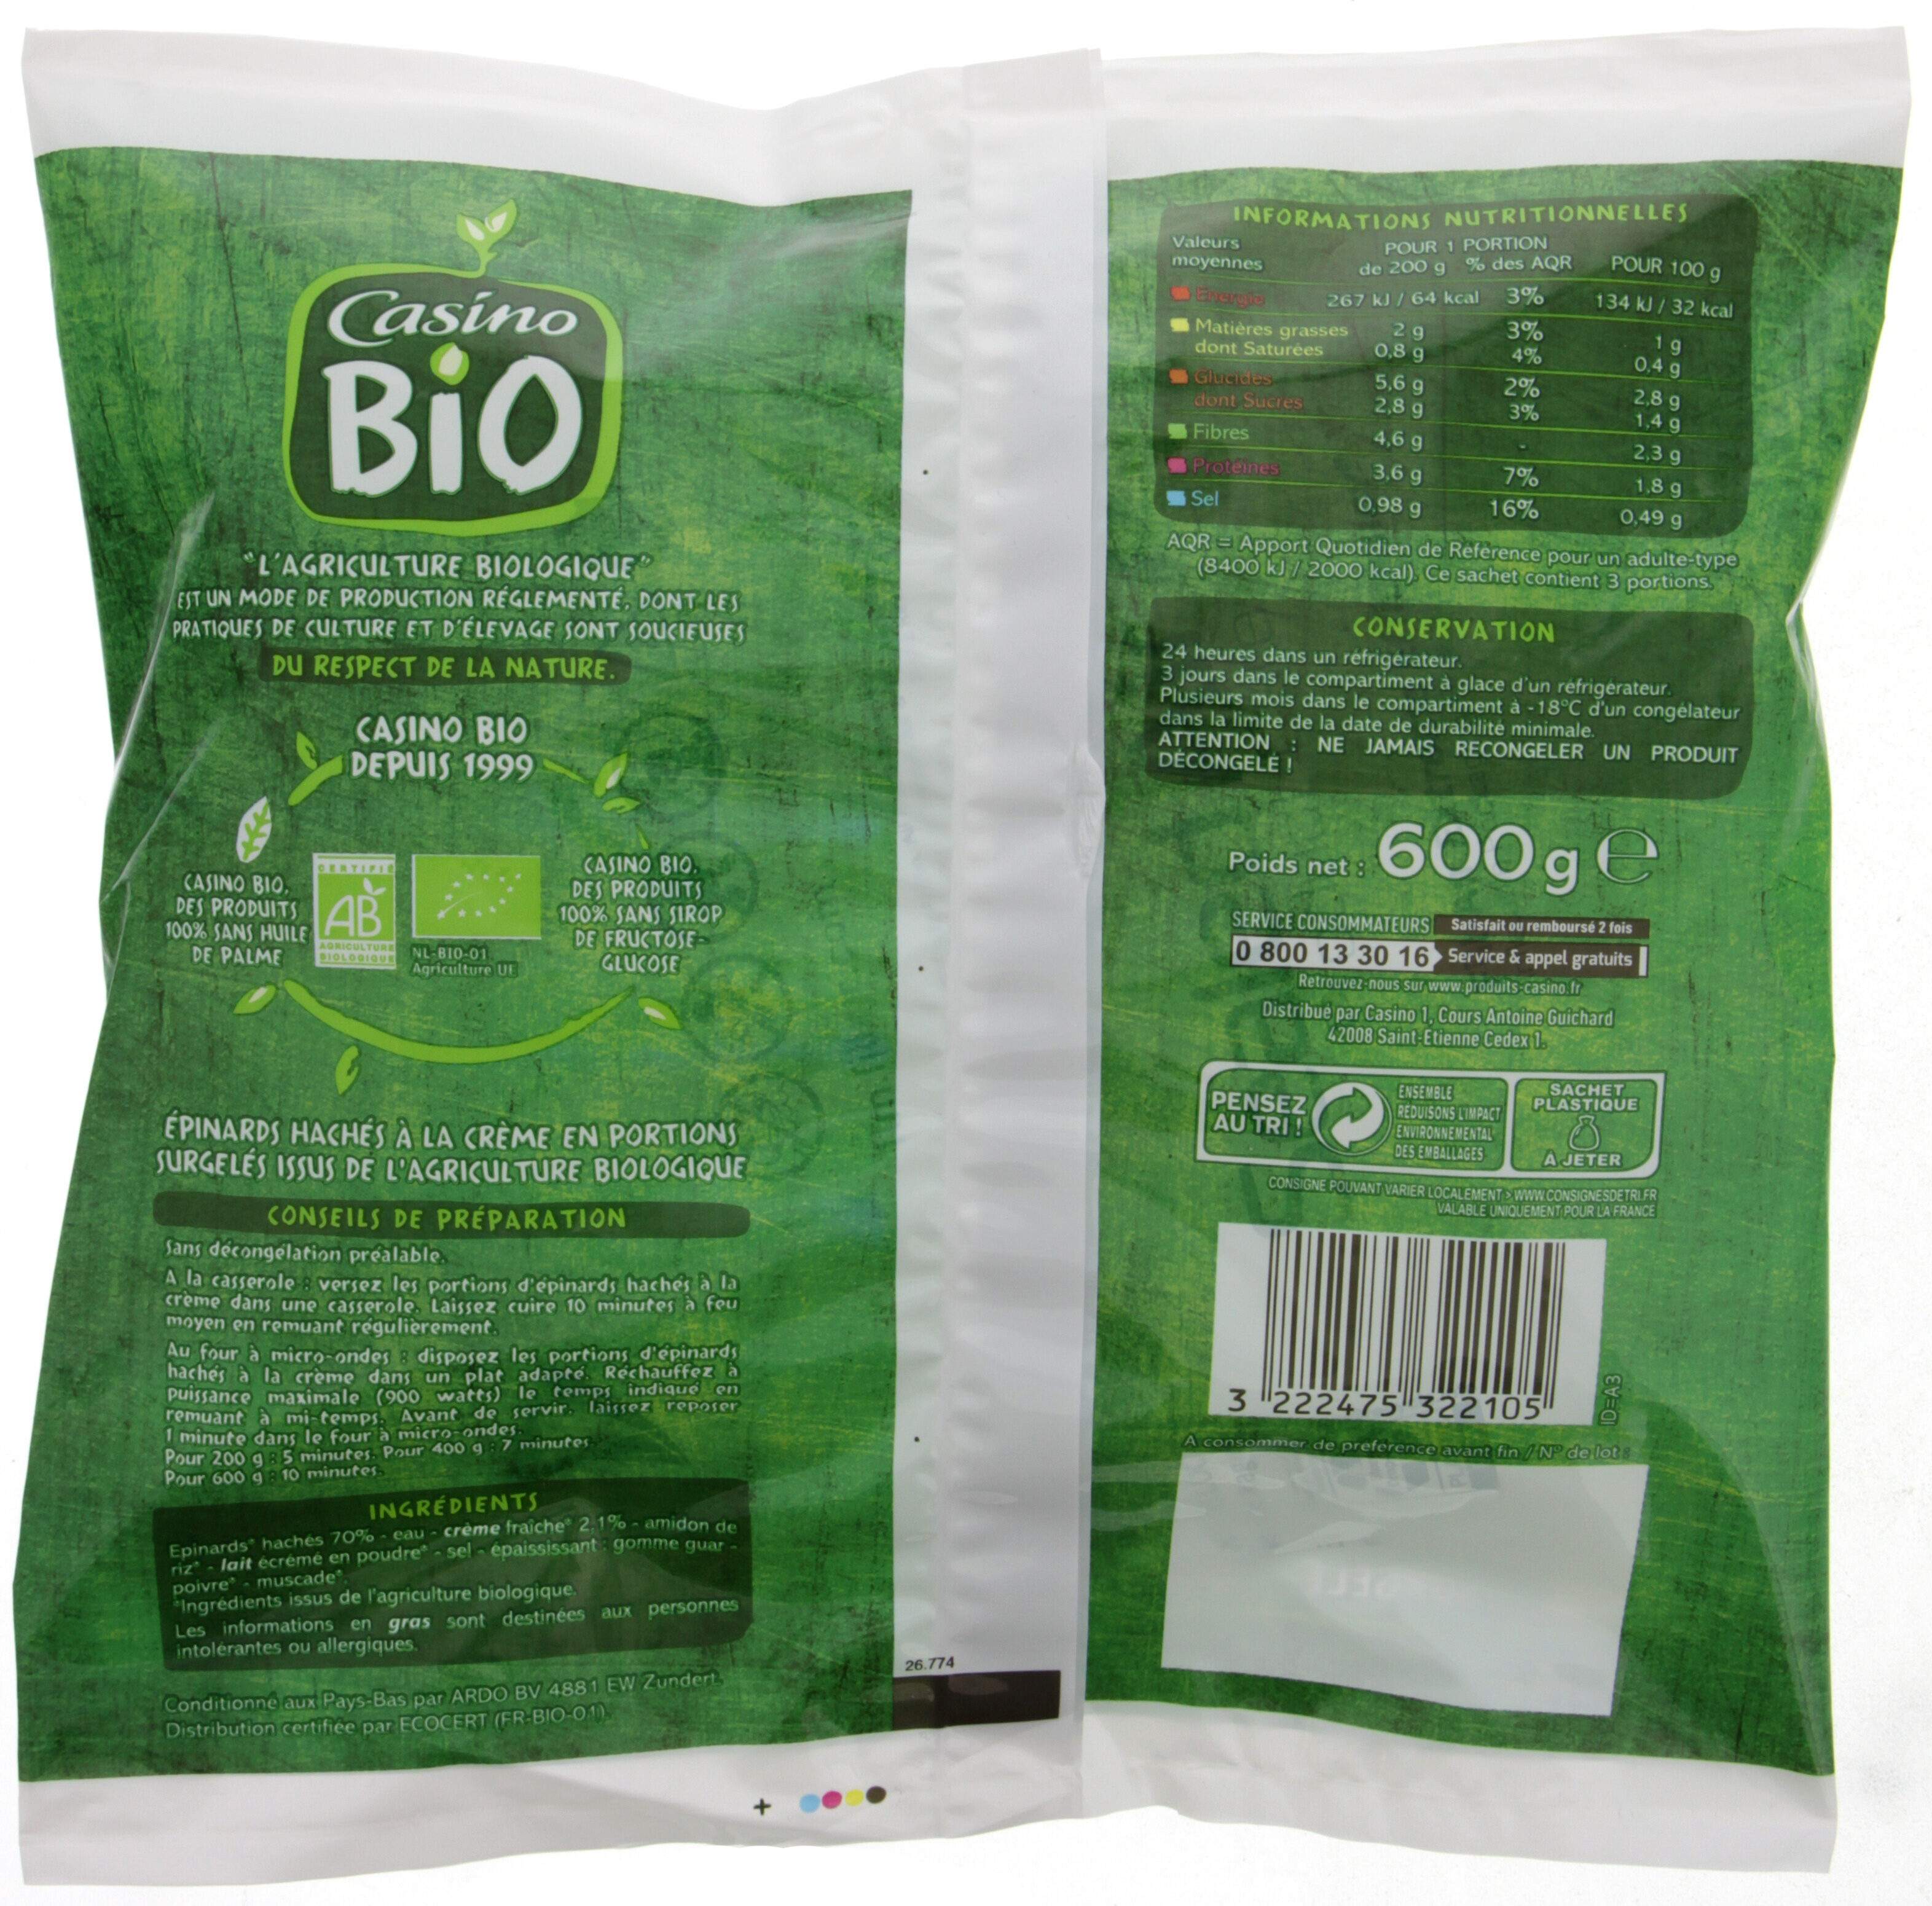 Epinards hachés à la crème Bio - Voedingswaarden